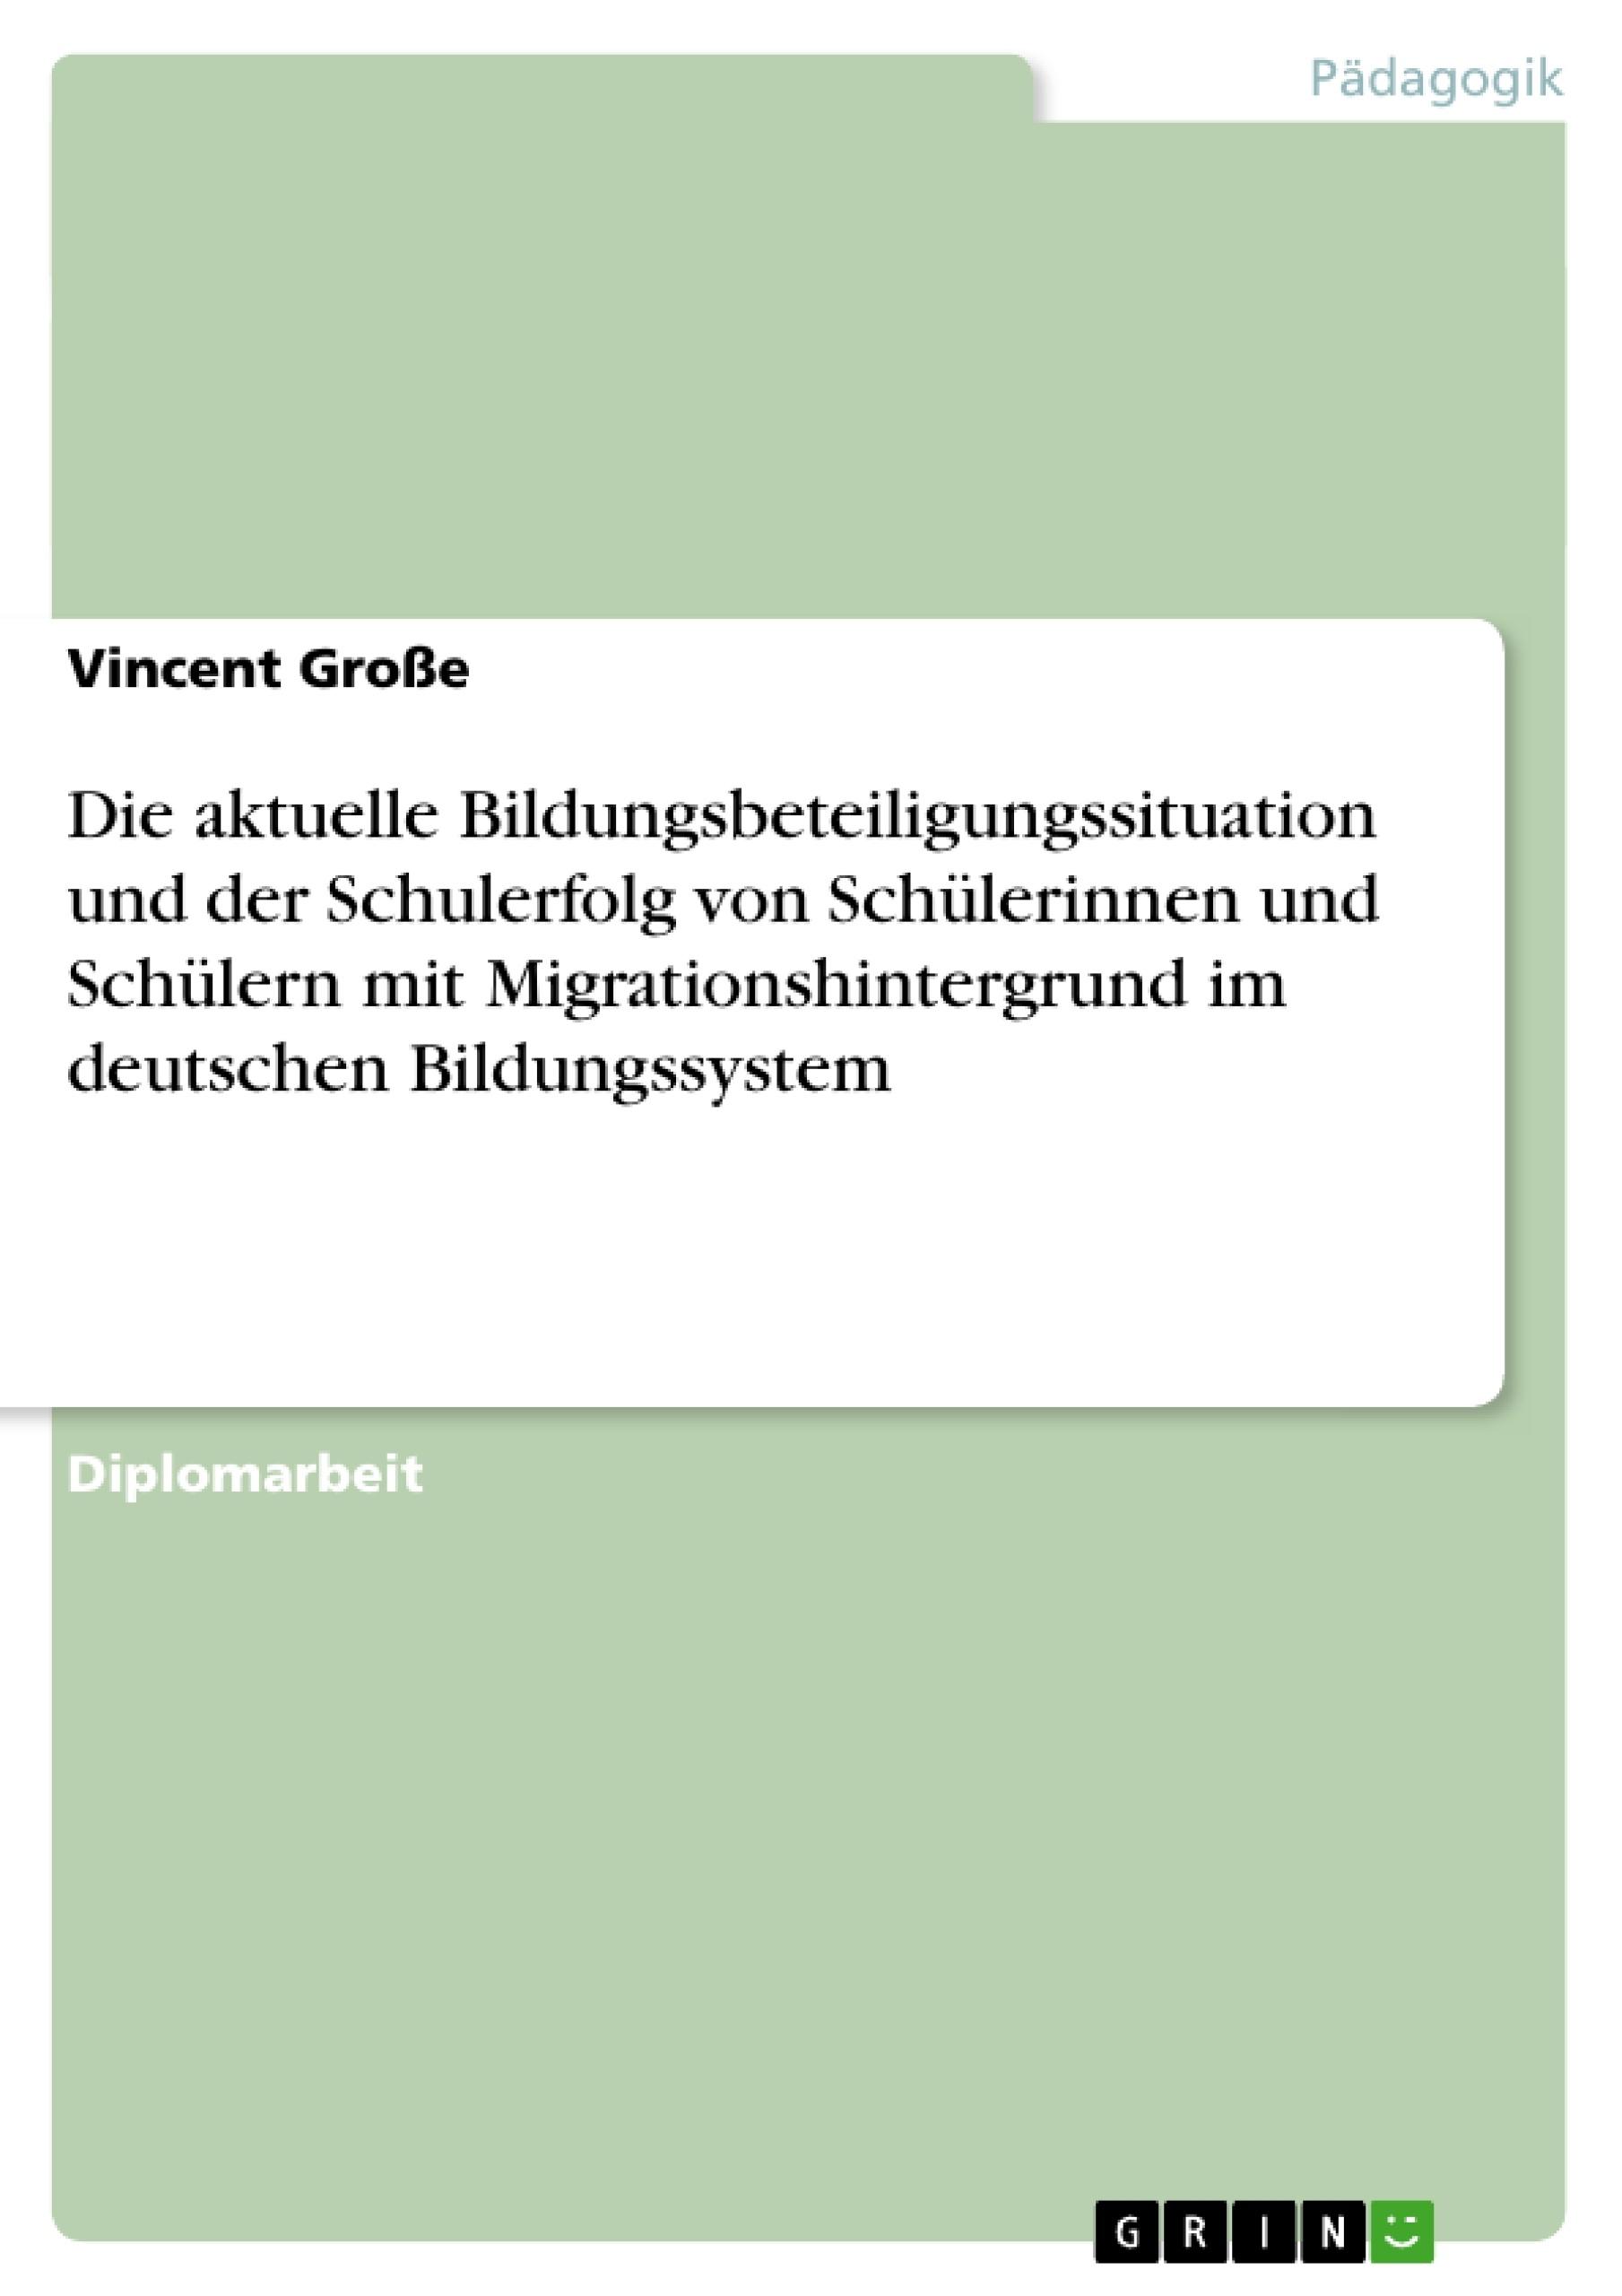 Titel: Die aktuelle Bildungsbeteiligungssituation und der Schulerfolg von Schülerinnen und Schülern mit Migrationshintergrund im deutschen Bildungssystem